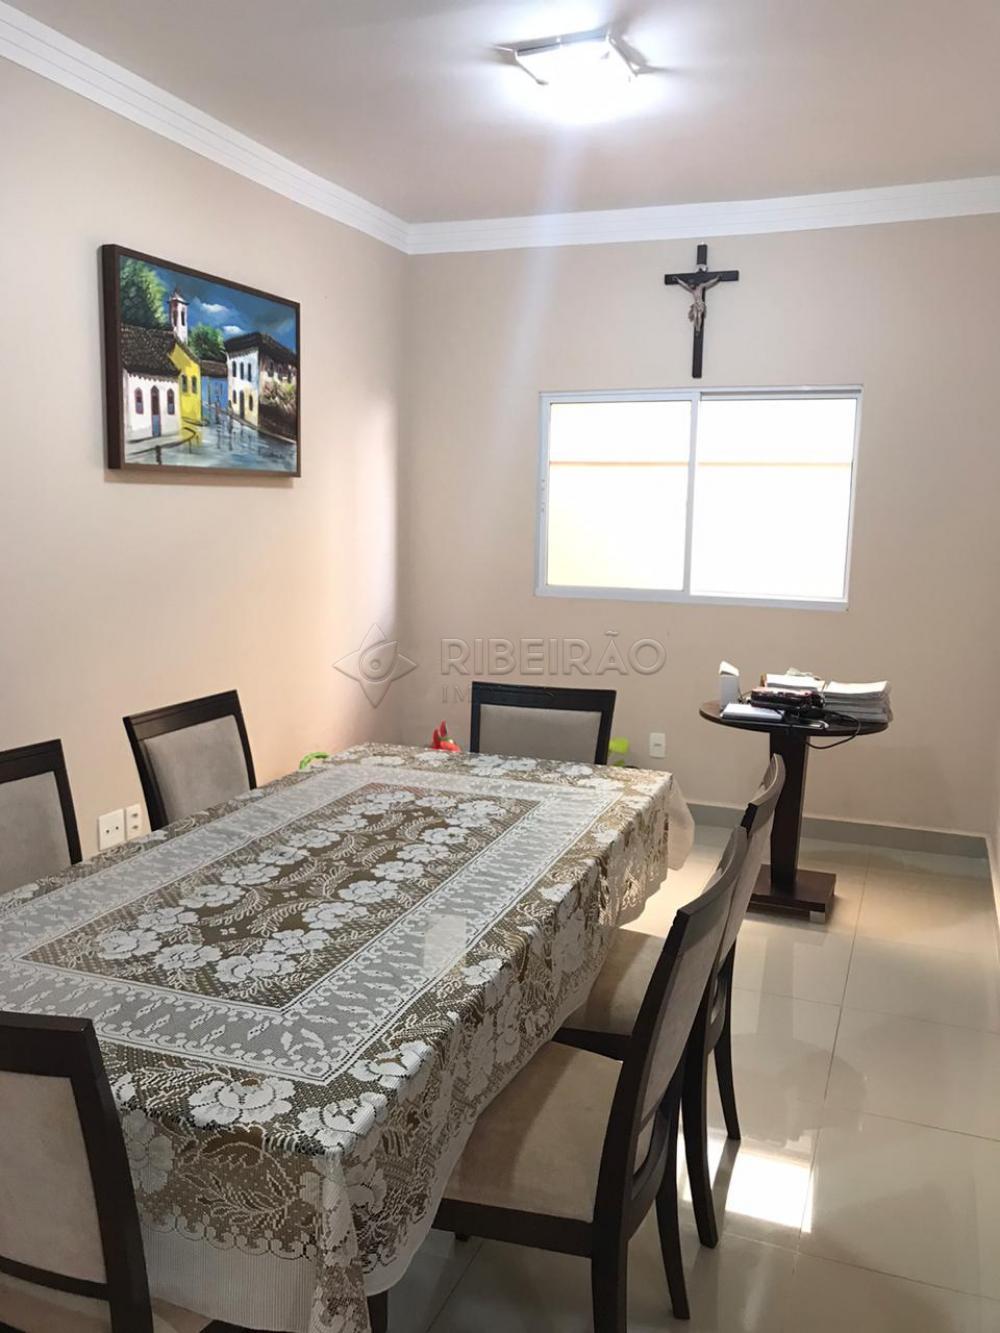 Alugar Casa / Condomínio em Cravinhos apenas R$ 3.500,00 - Foto 31